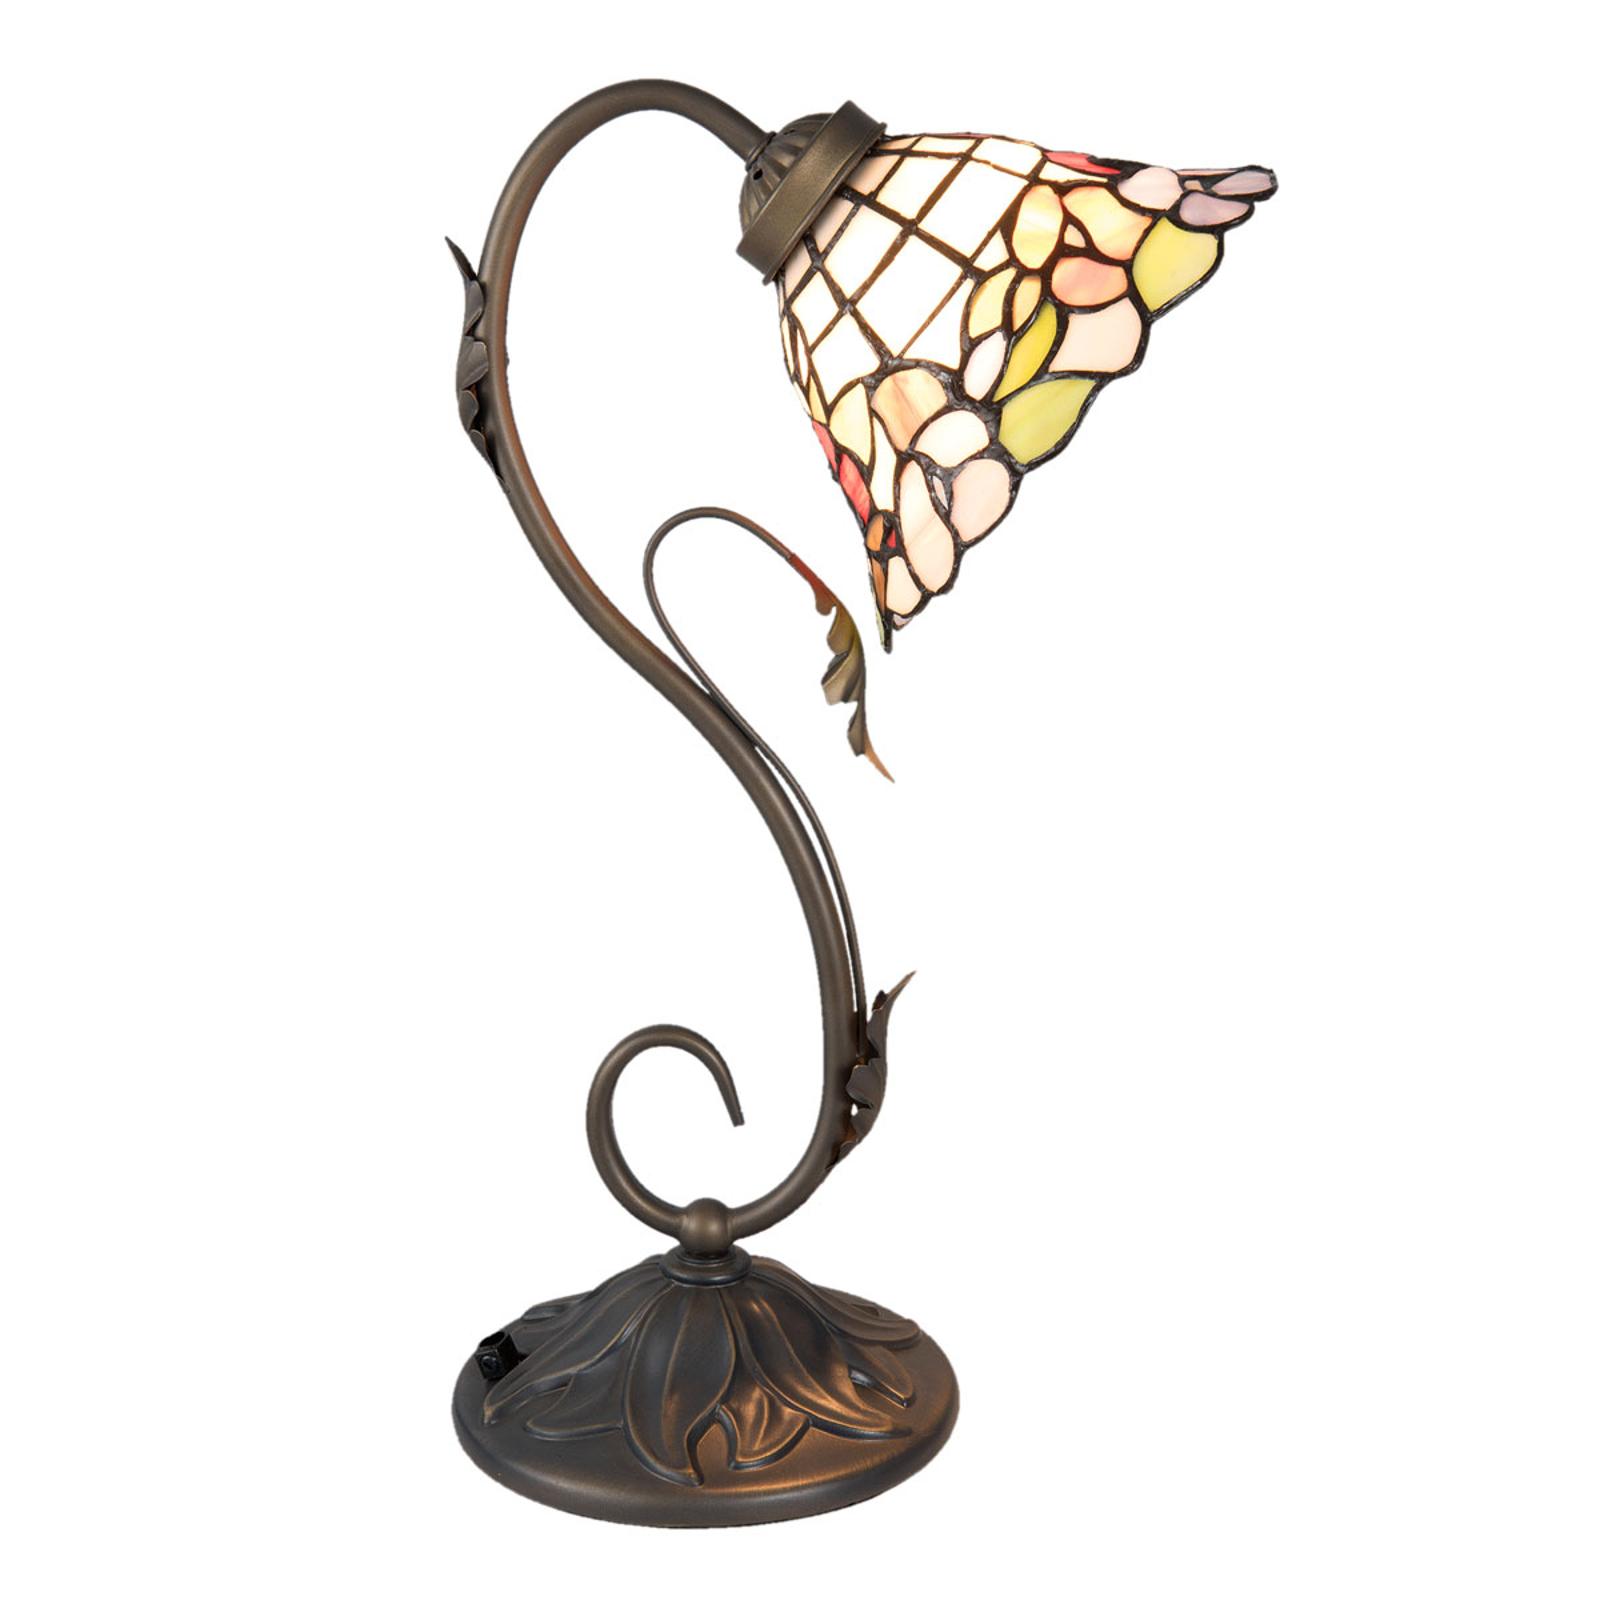 Tischlampe 5920, geschwungene Form, Tiffany-Stil